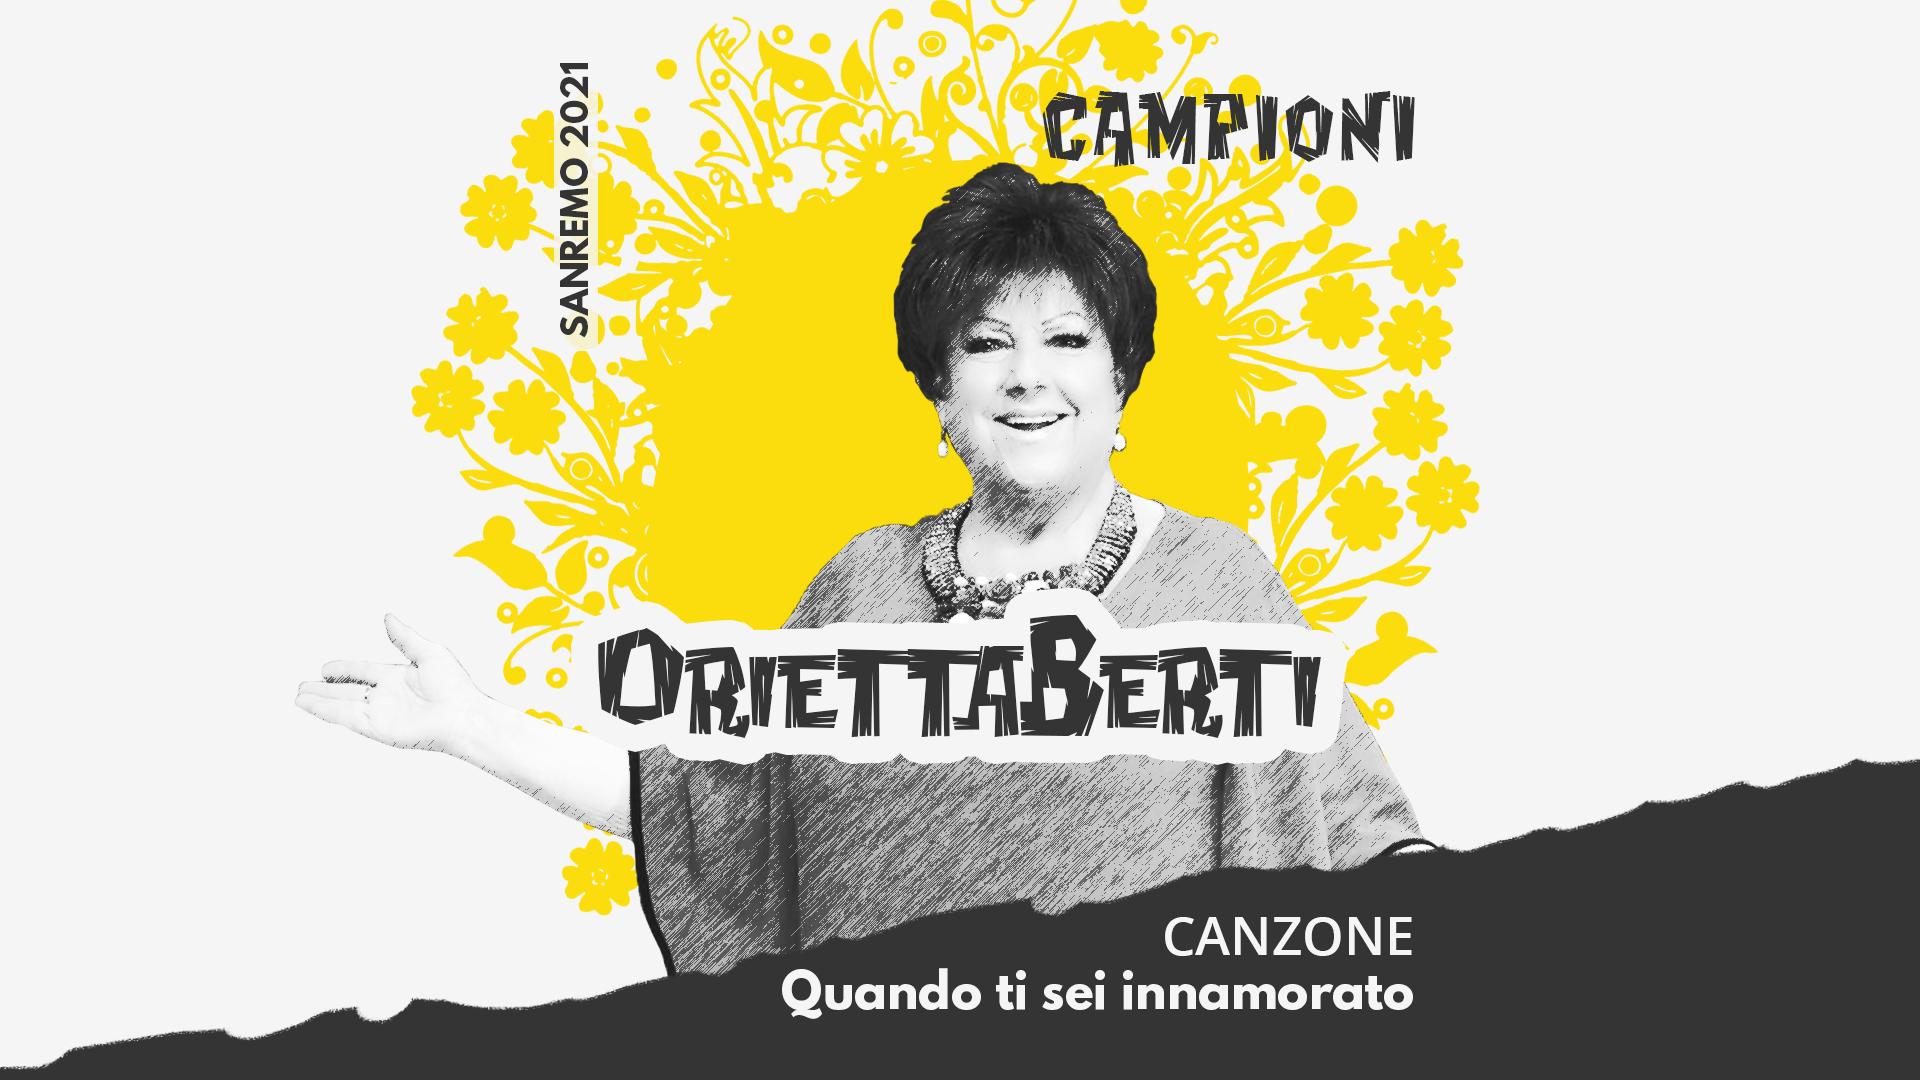 Sanremo 2021, Orietta Berti – Quando ti sei innamorato